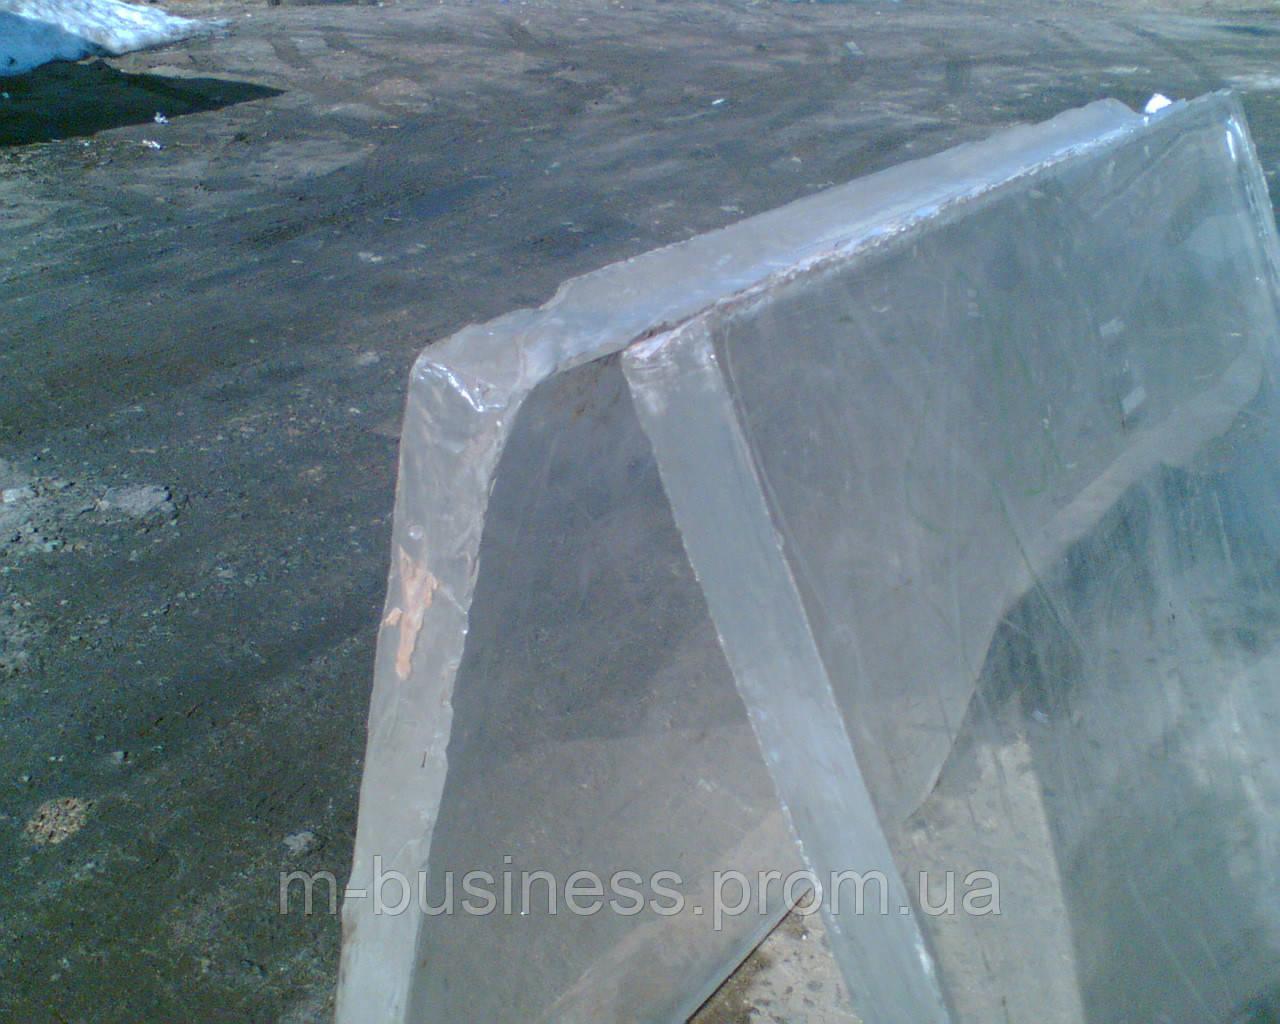 Оргстекло  литое   блочное  35,0  мм.